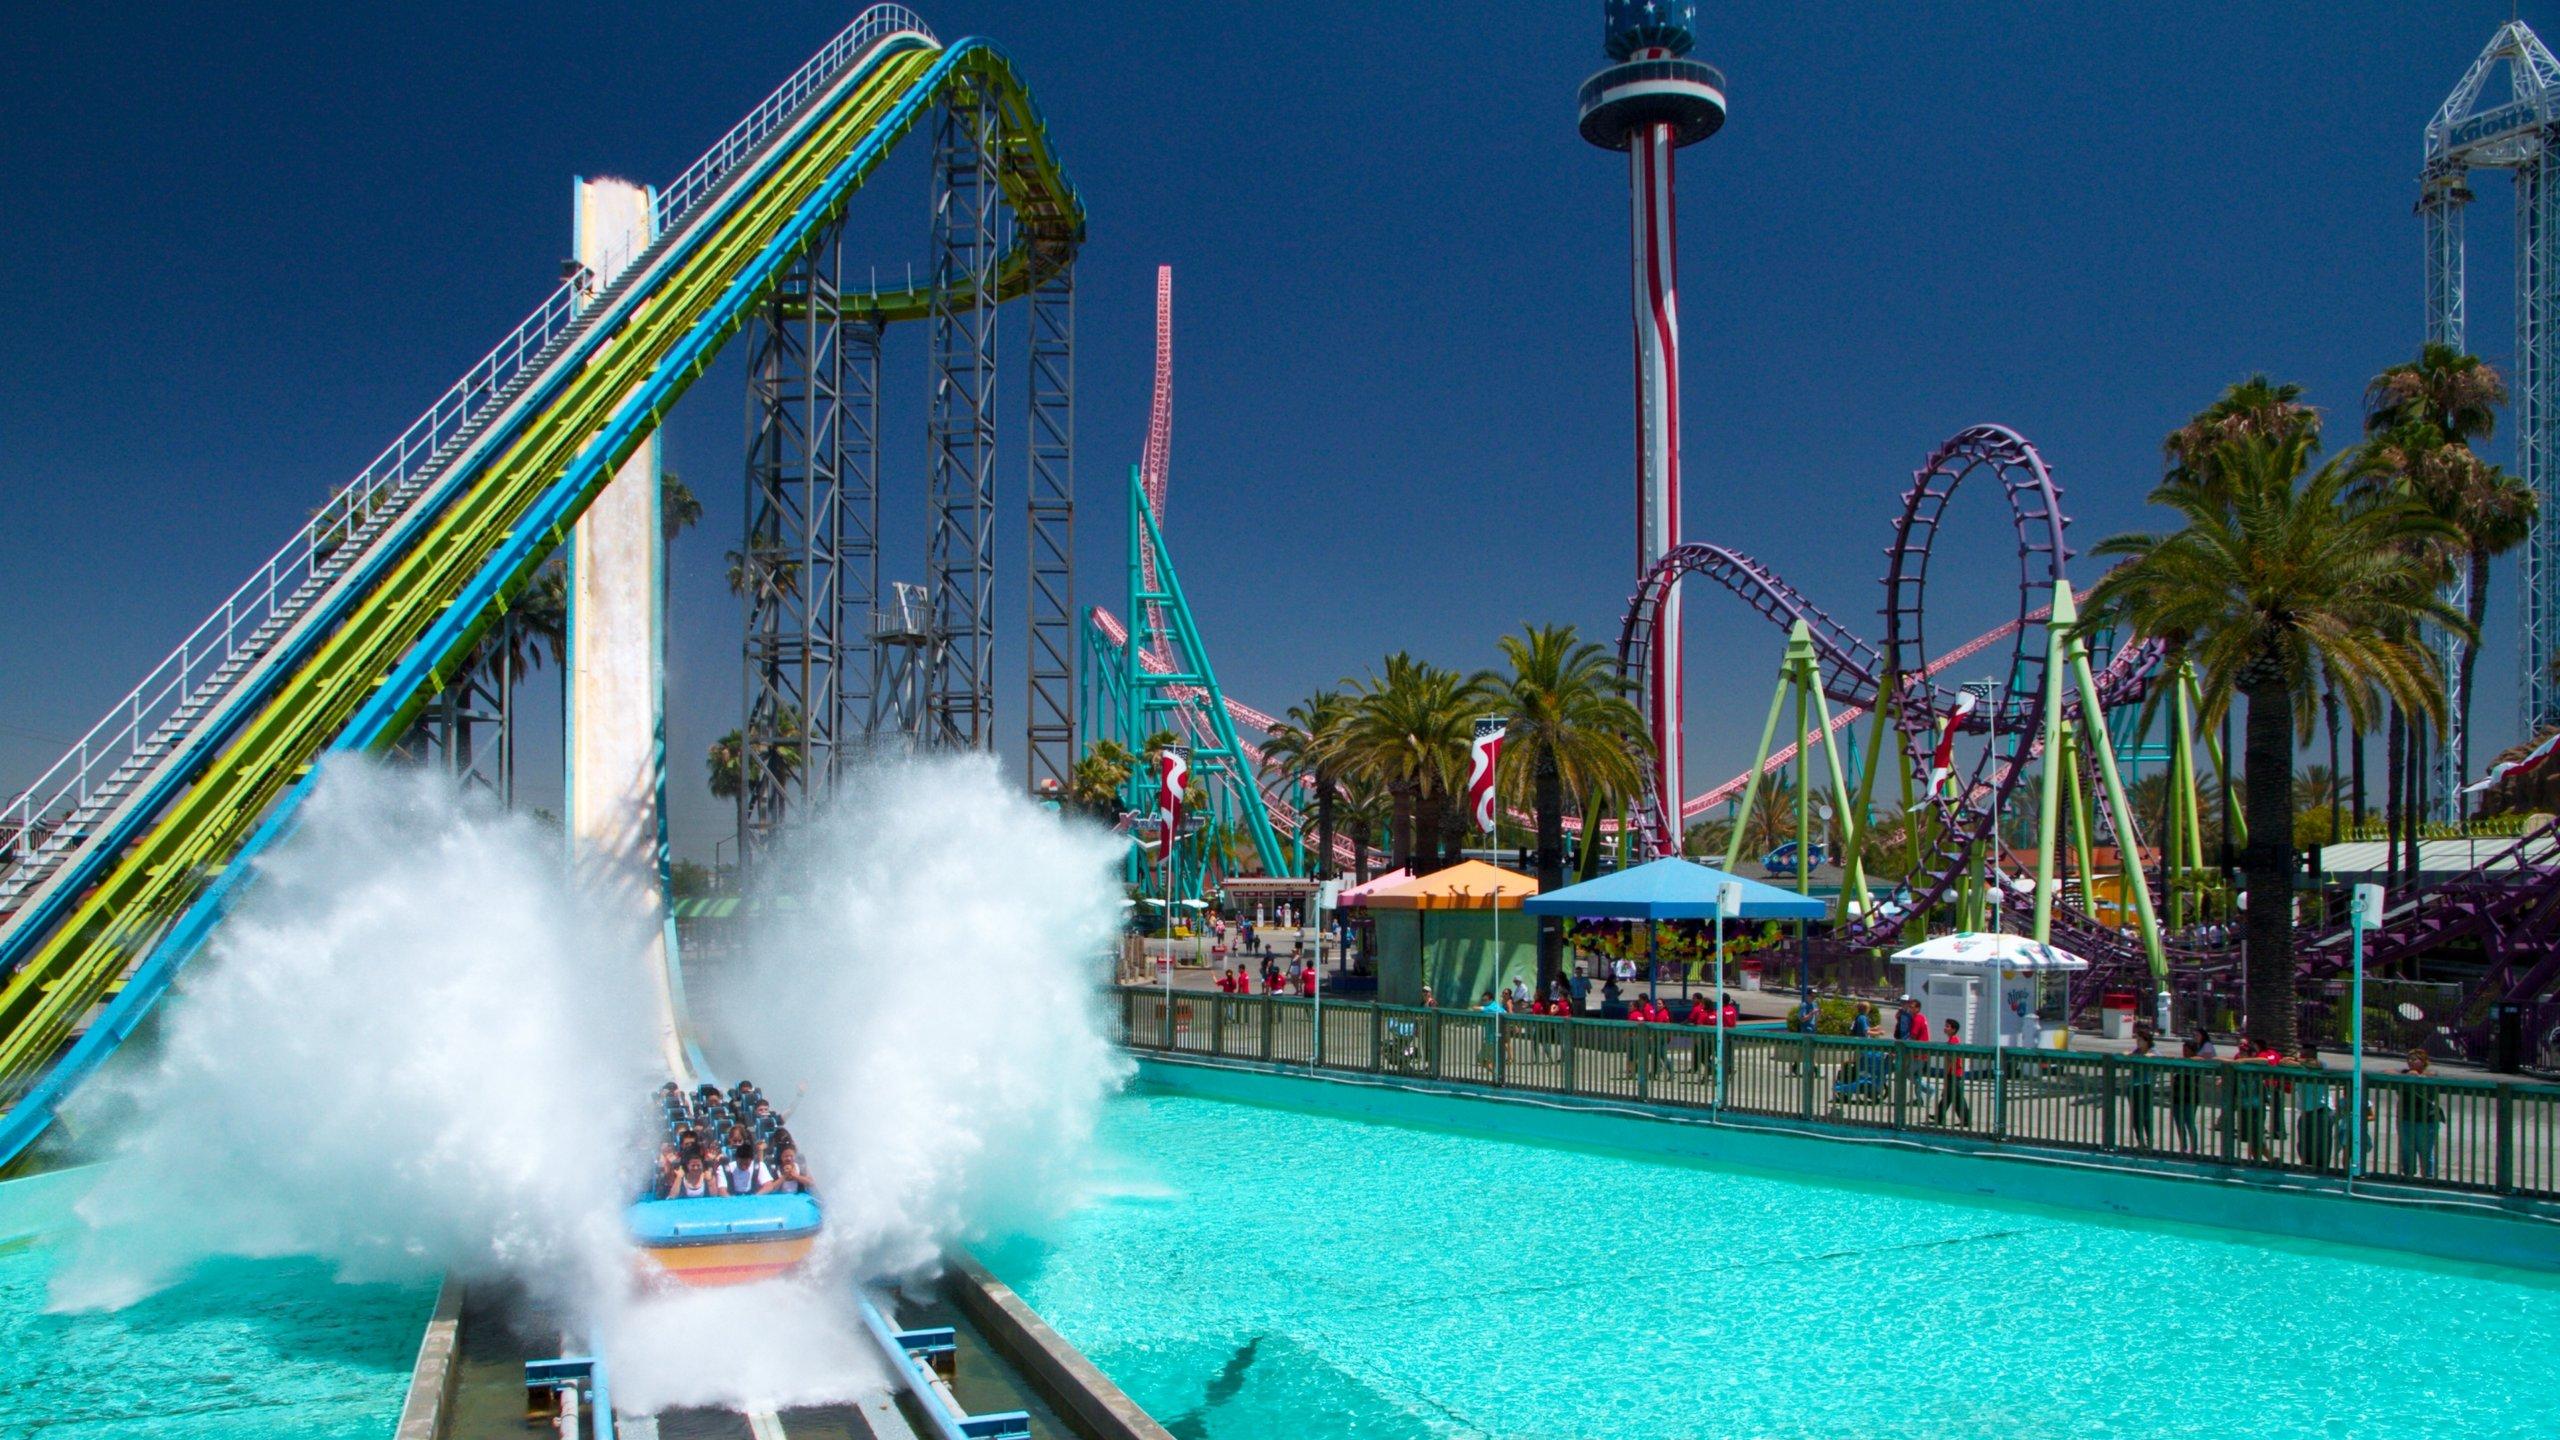 Top 10 Waterpark Hotels in Orange County, CA $59: Deals Near